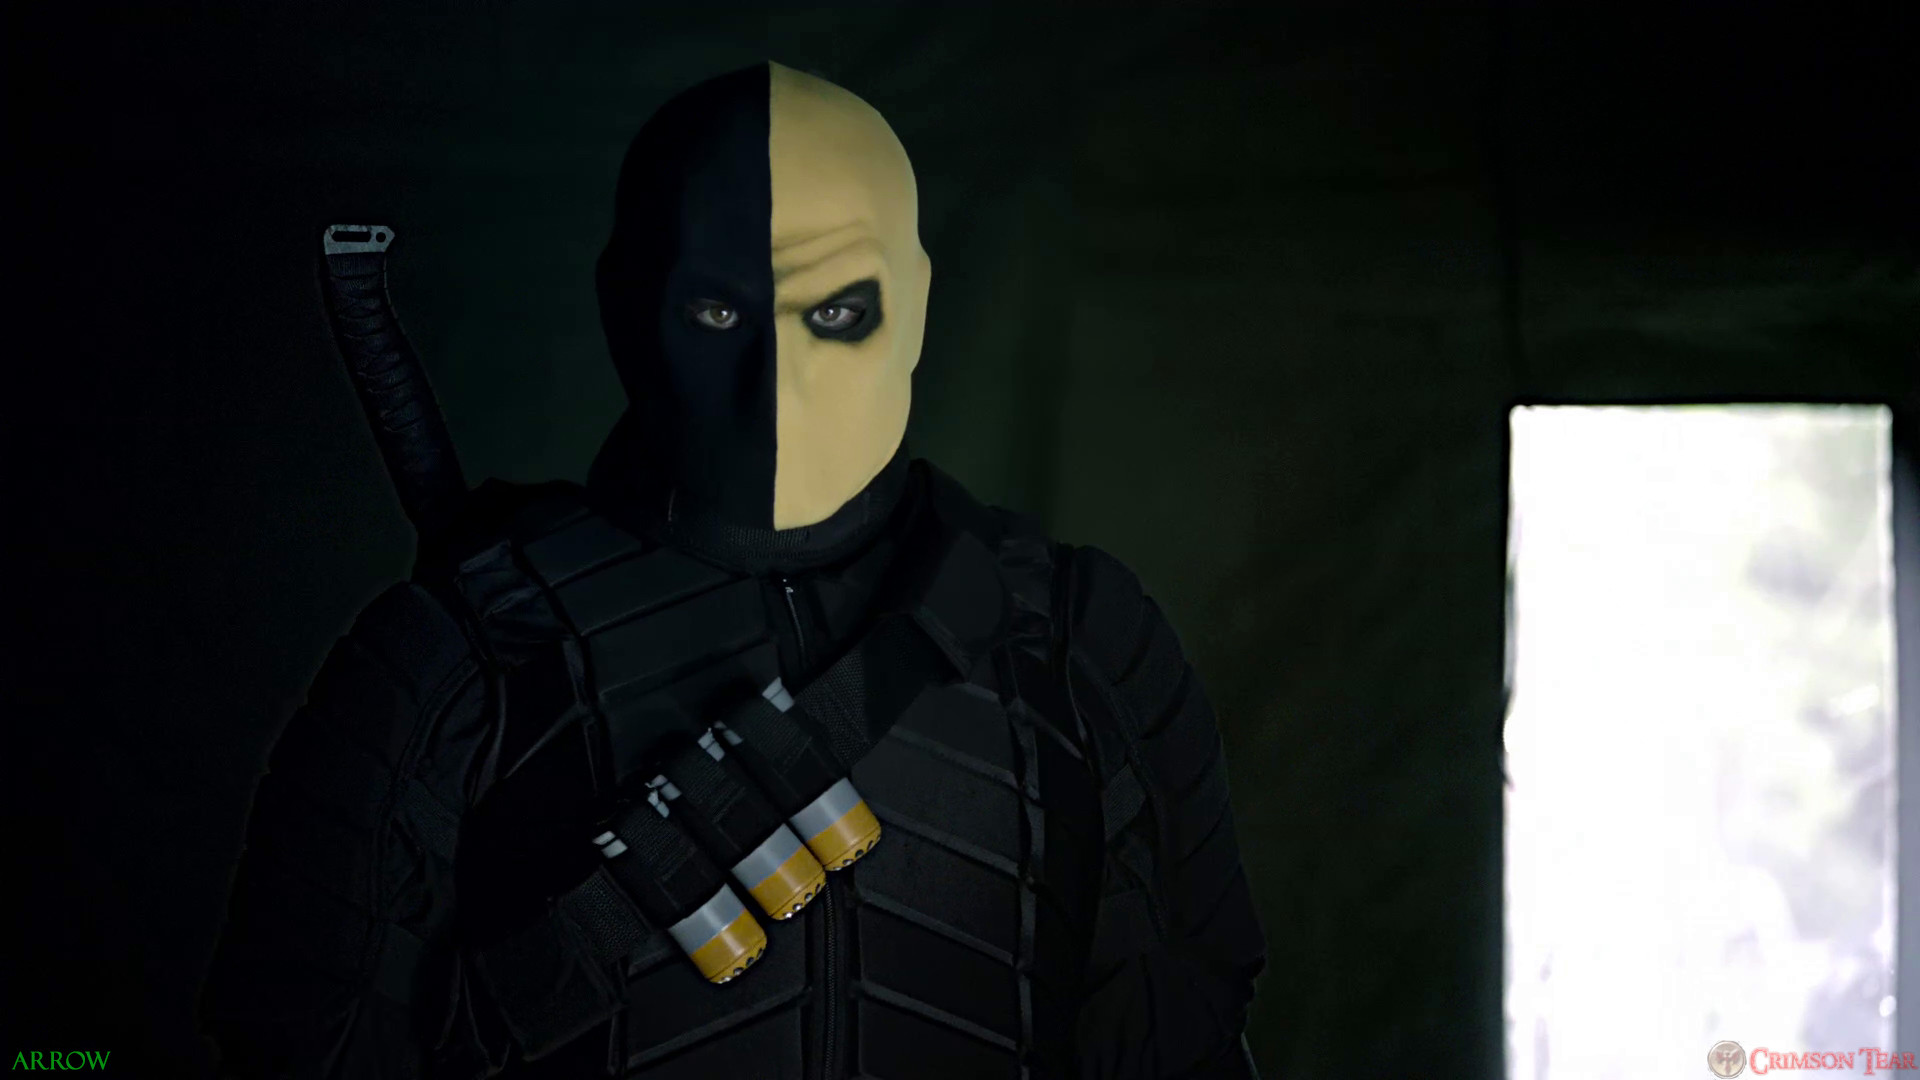 Arrow Season 1: Deathstroke